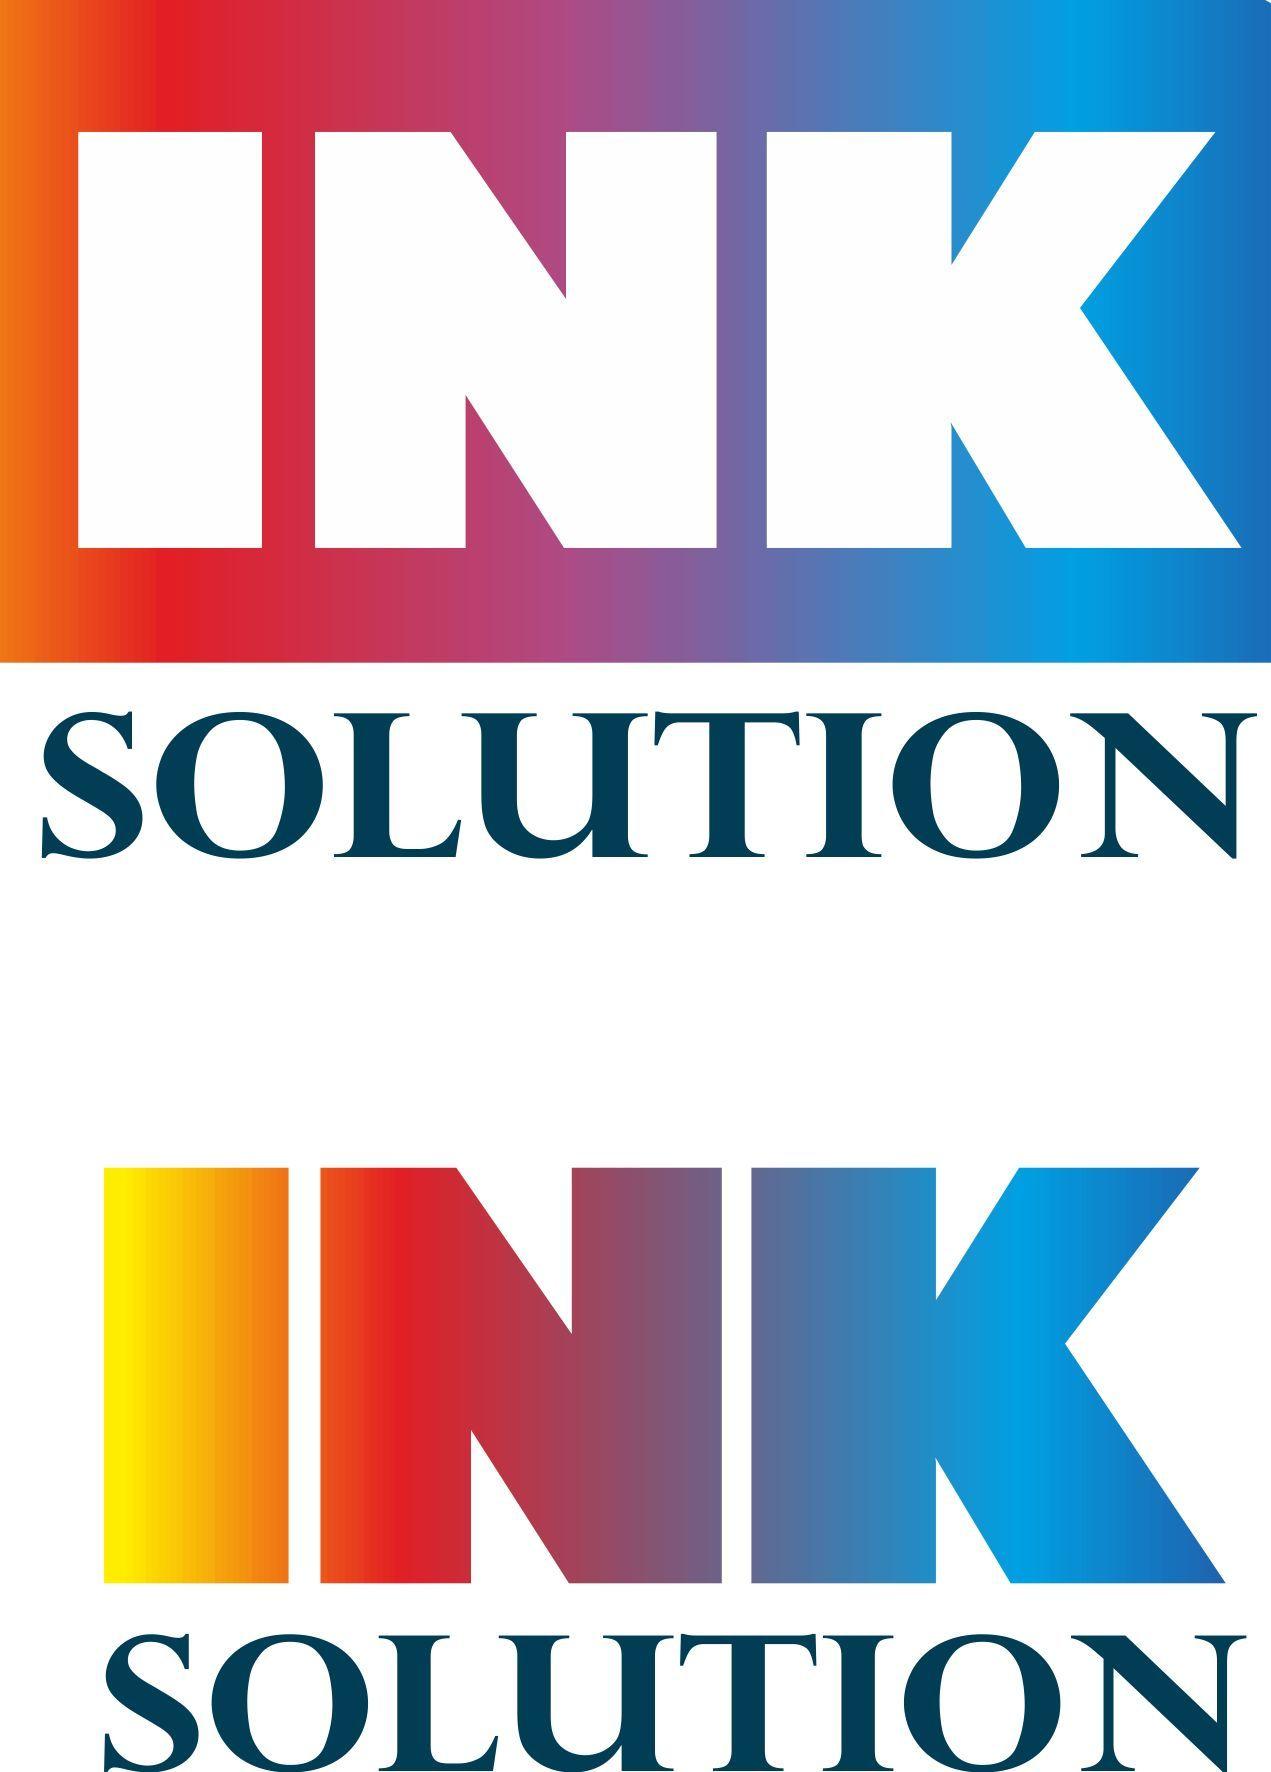 логотип компании  - дизайнер rupp_anna